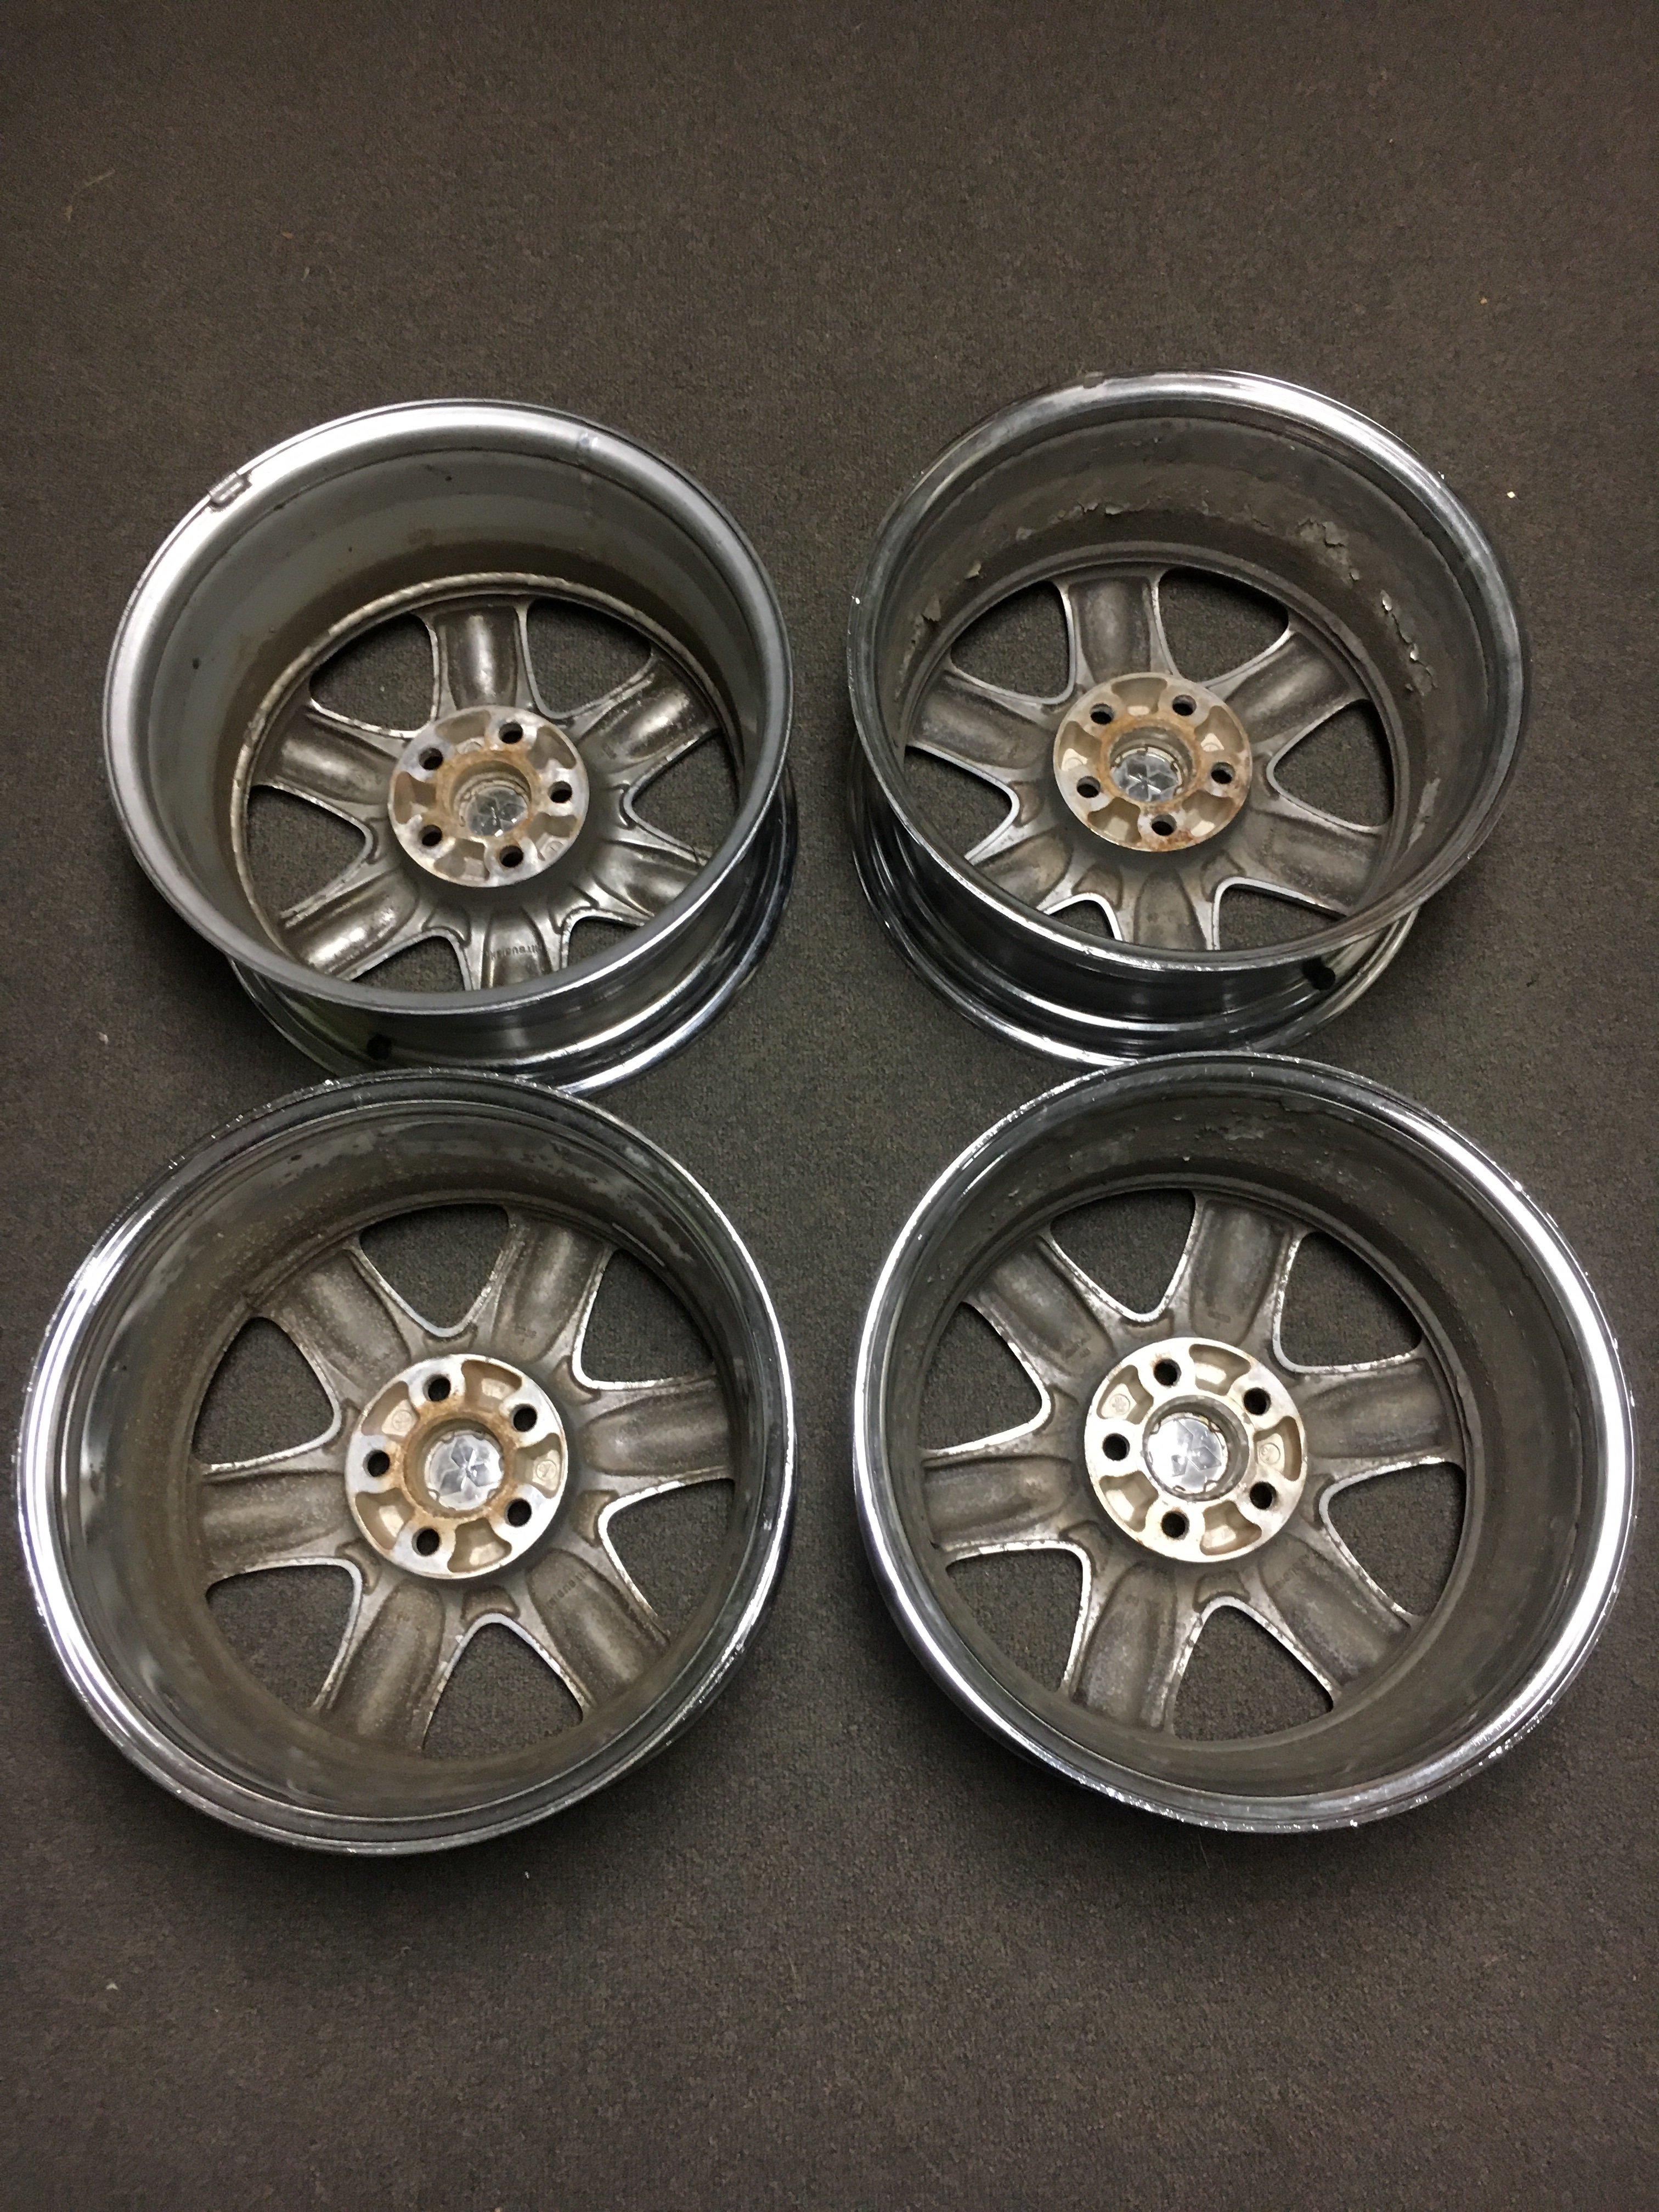 OEM Mitsubishi Aluminum Alloy Wheels-img_1693.jpg